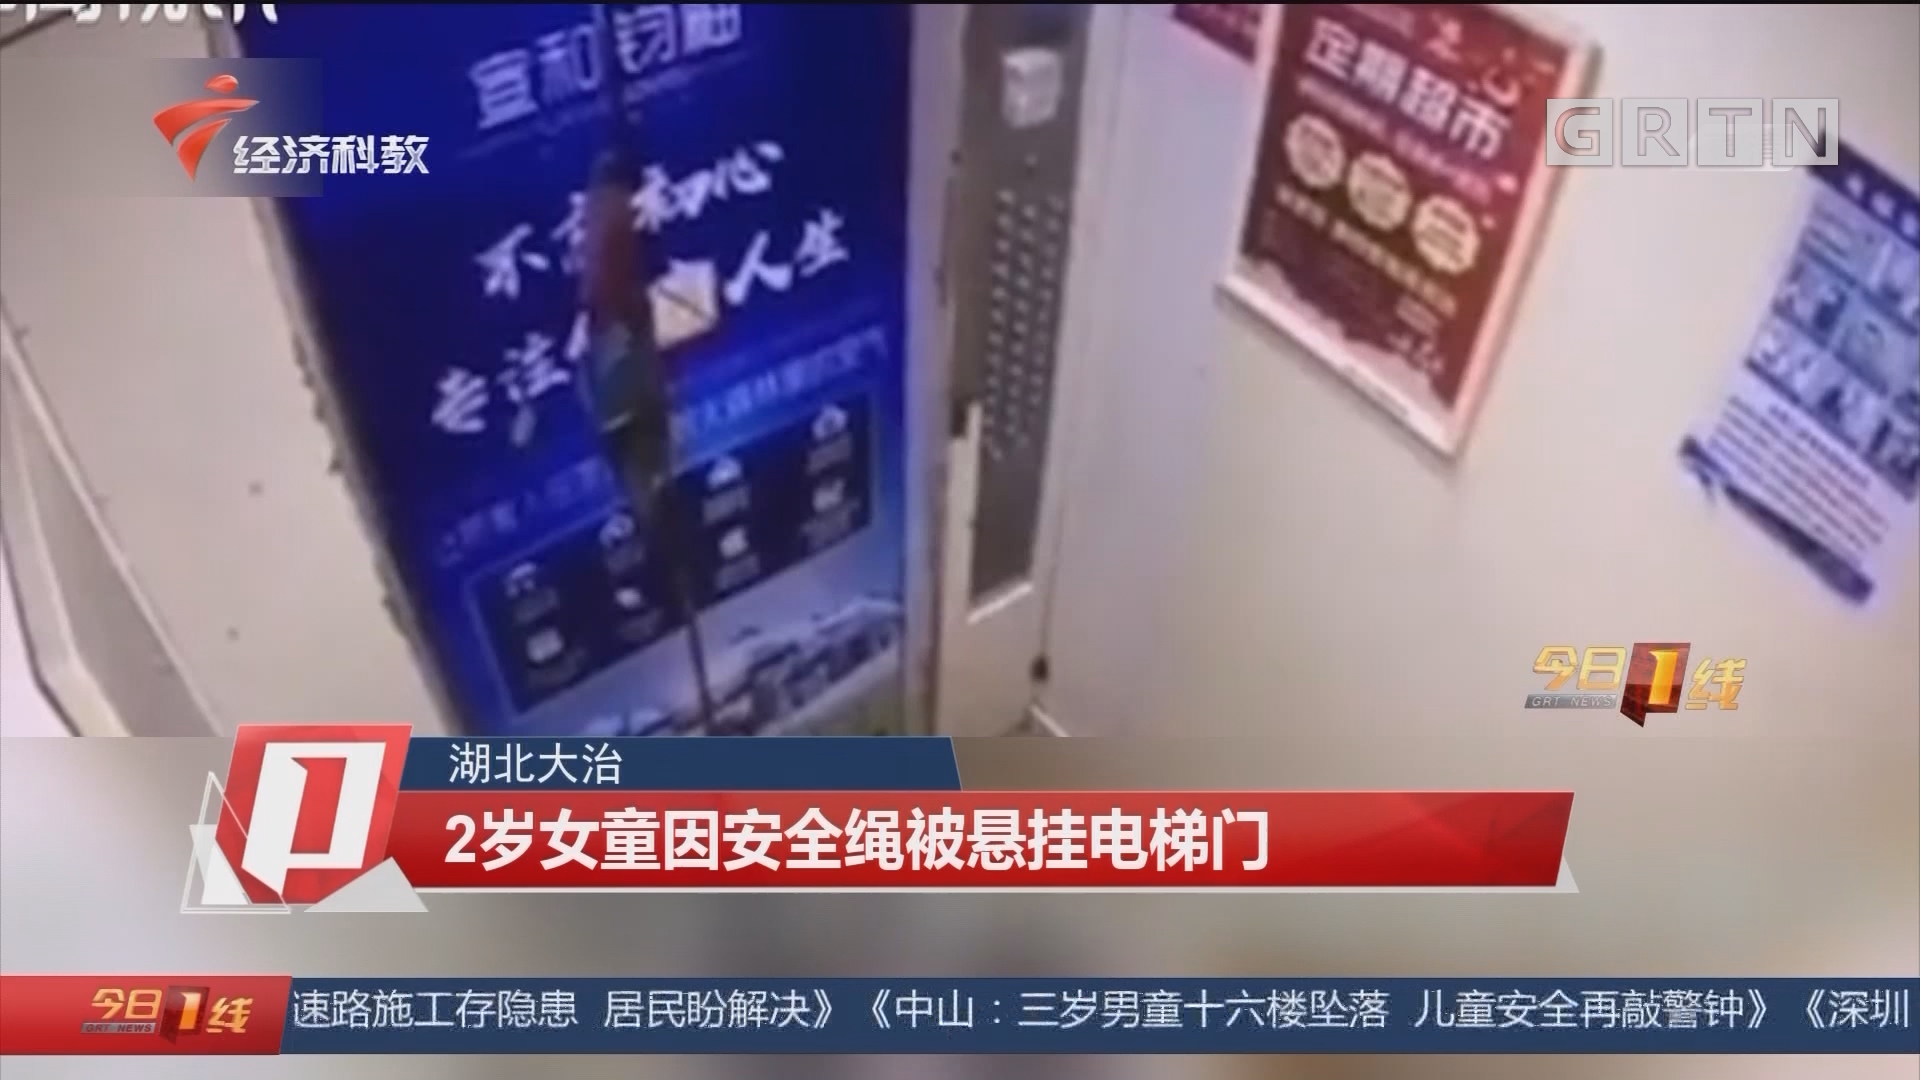 湖北大治 2歲女童因安全繩被懸掛電梯門